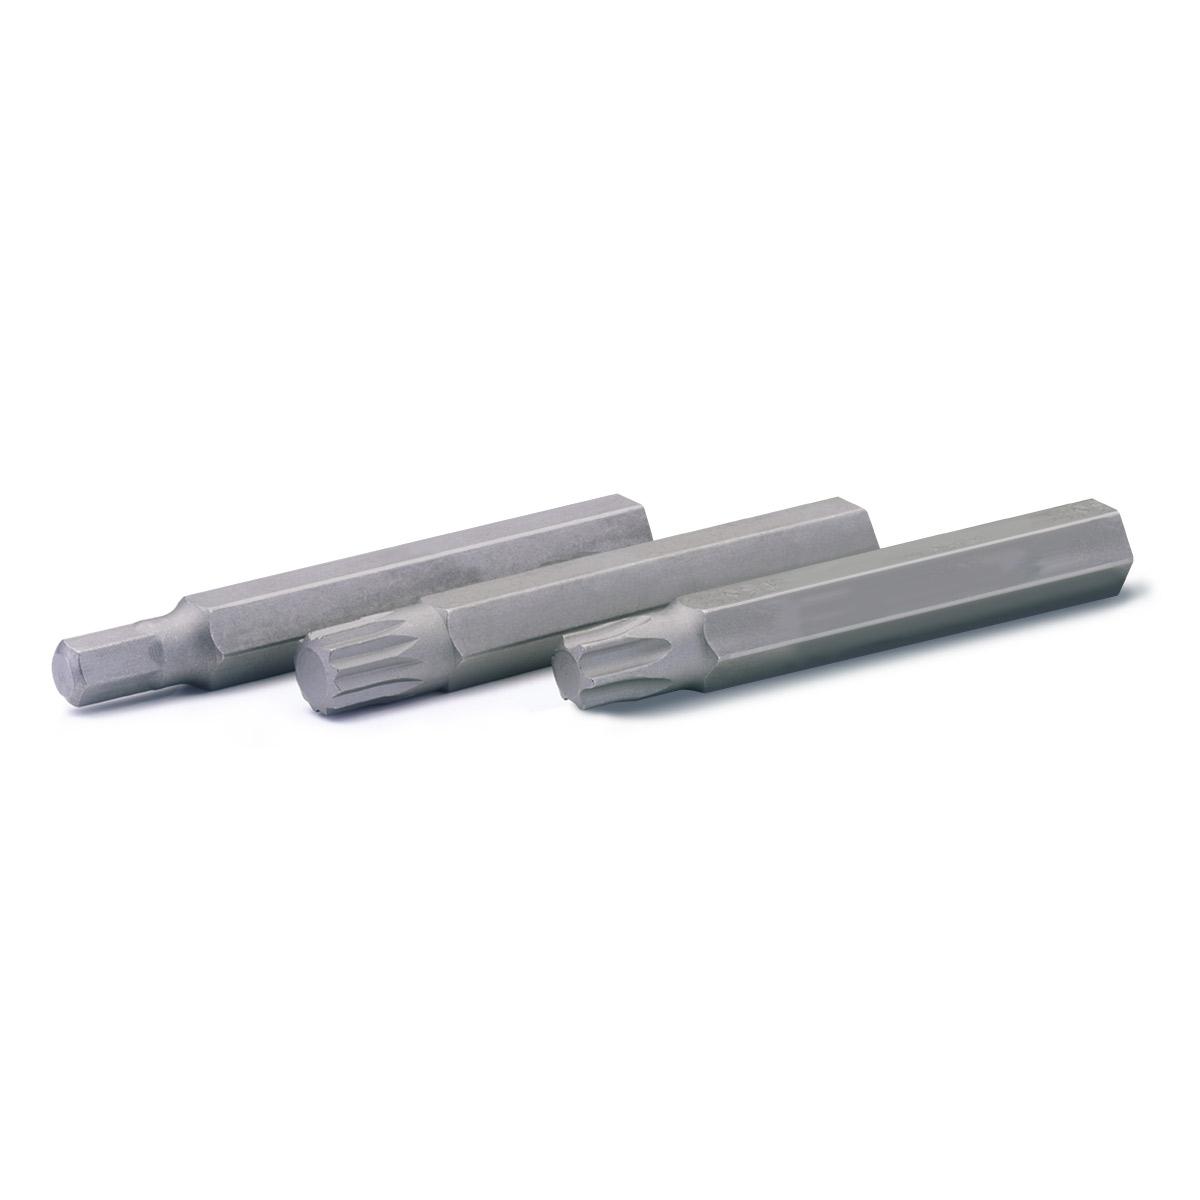 Draper 26299 T55 X 75mm Tx-Star 10mm Insert Bit for Sets 21932, 33614 & 59985